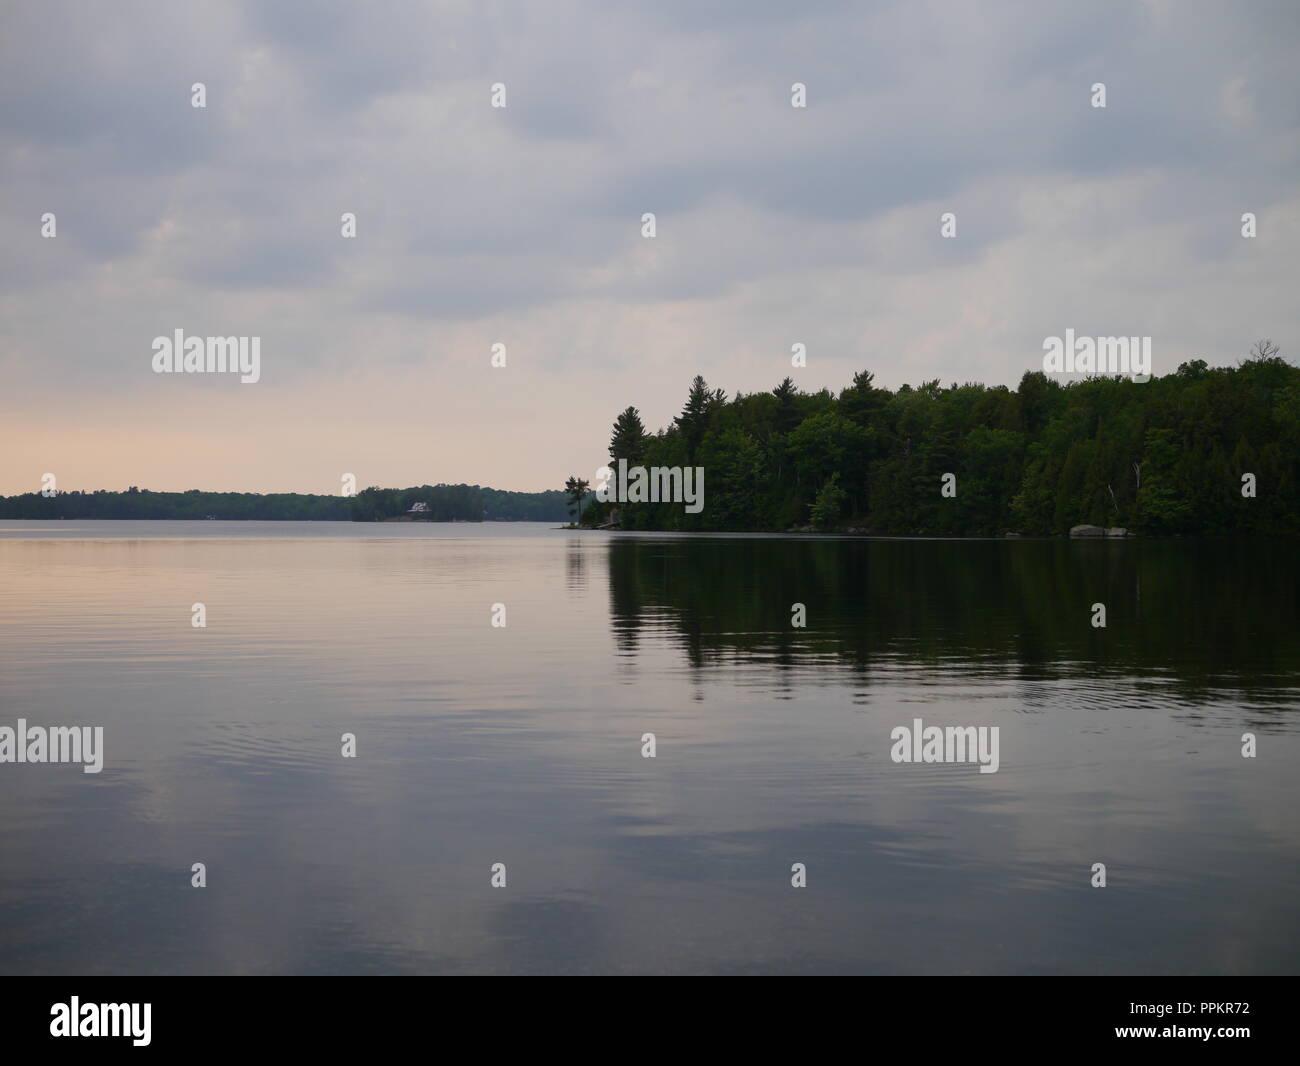 Woodland Reflection on the Lake - Stock Image